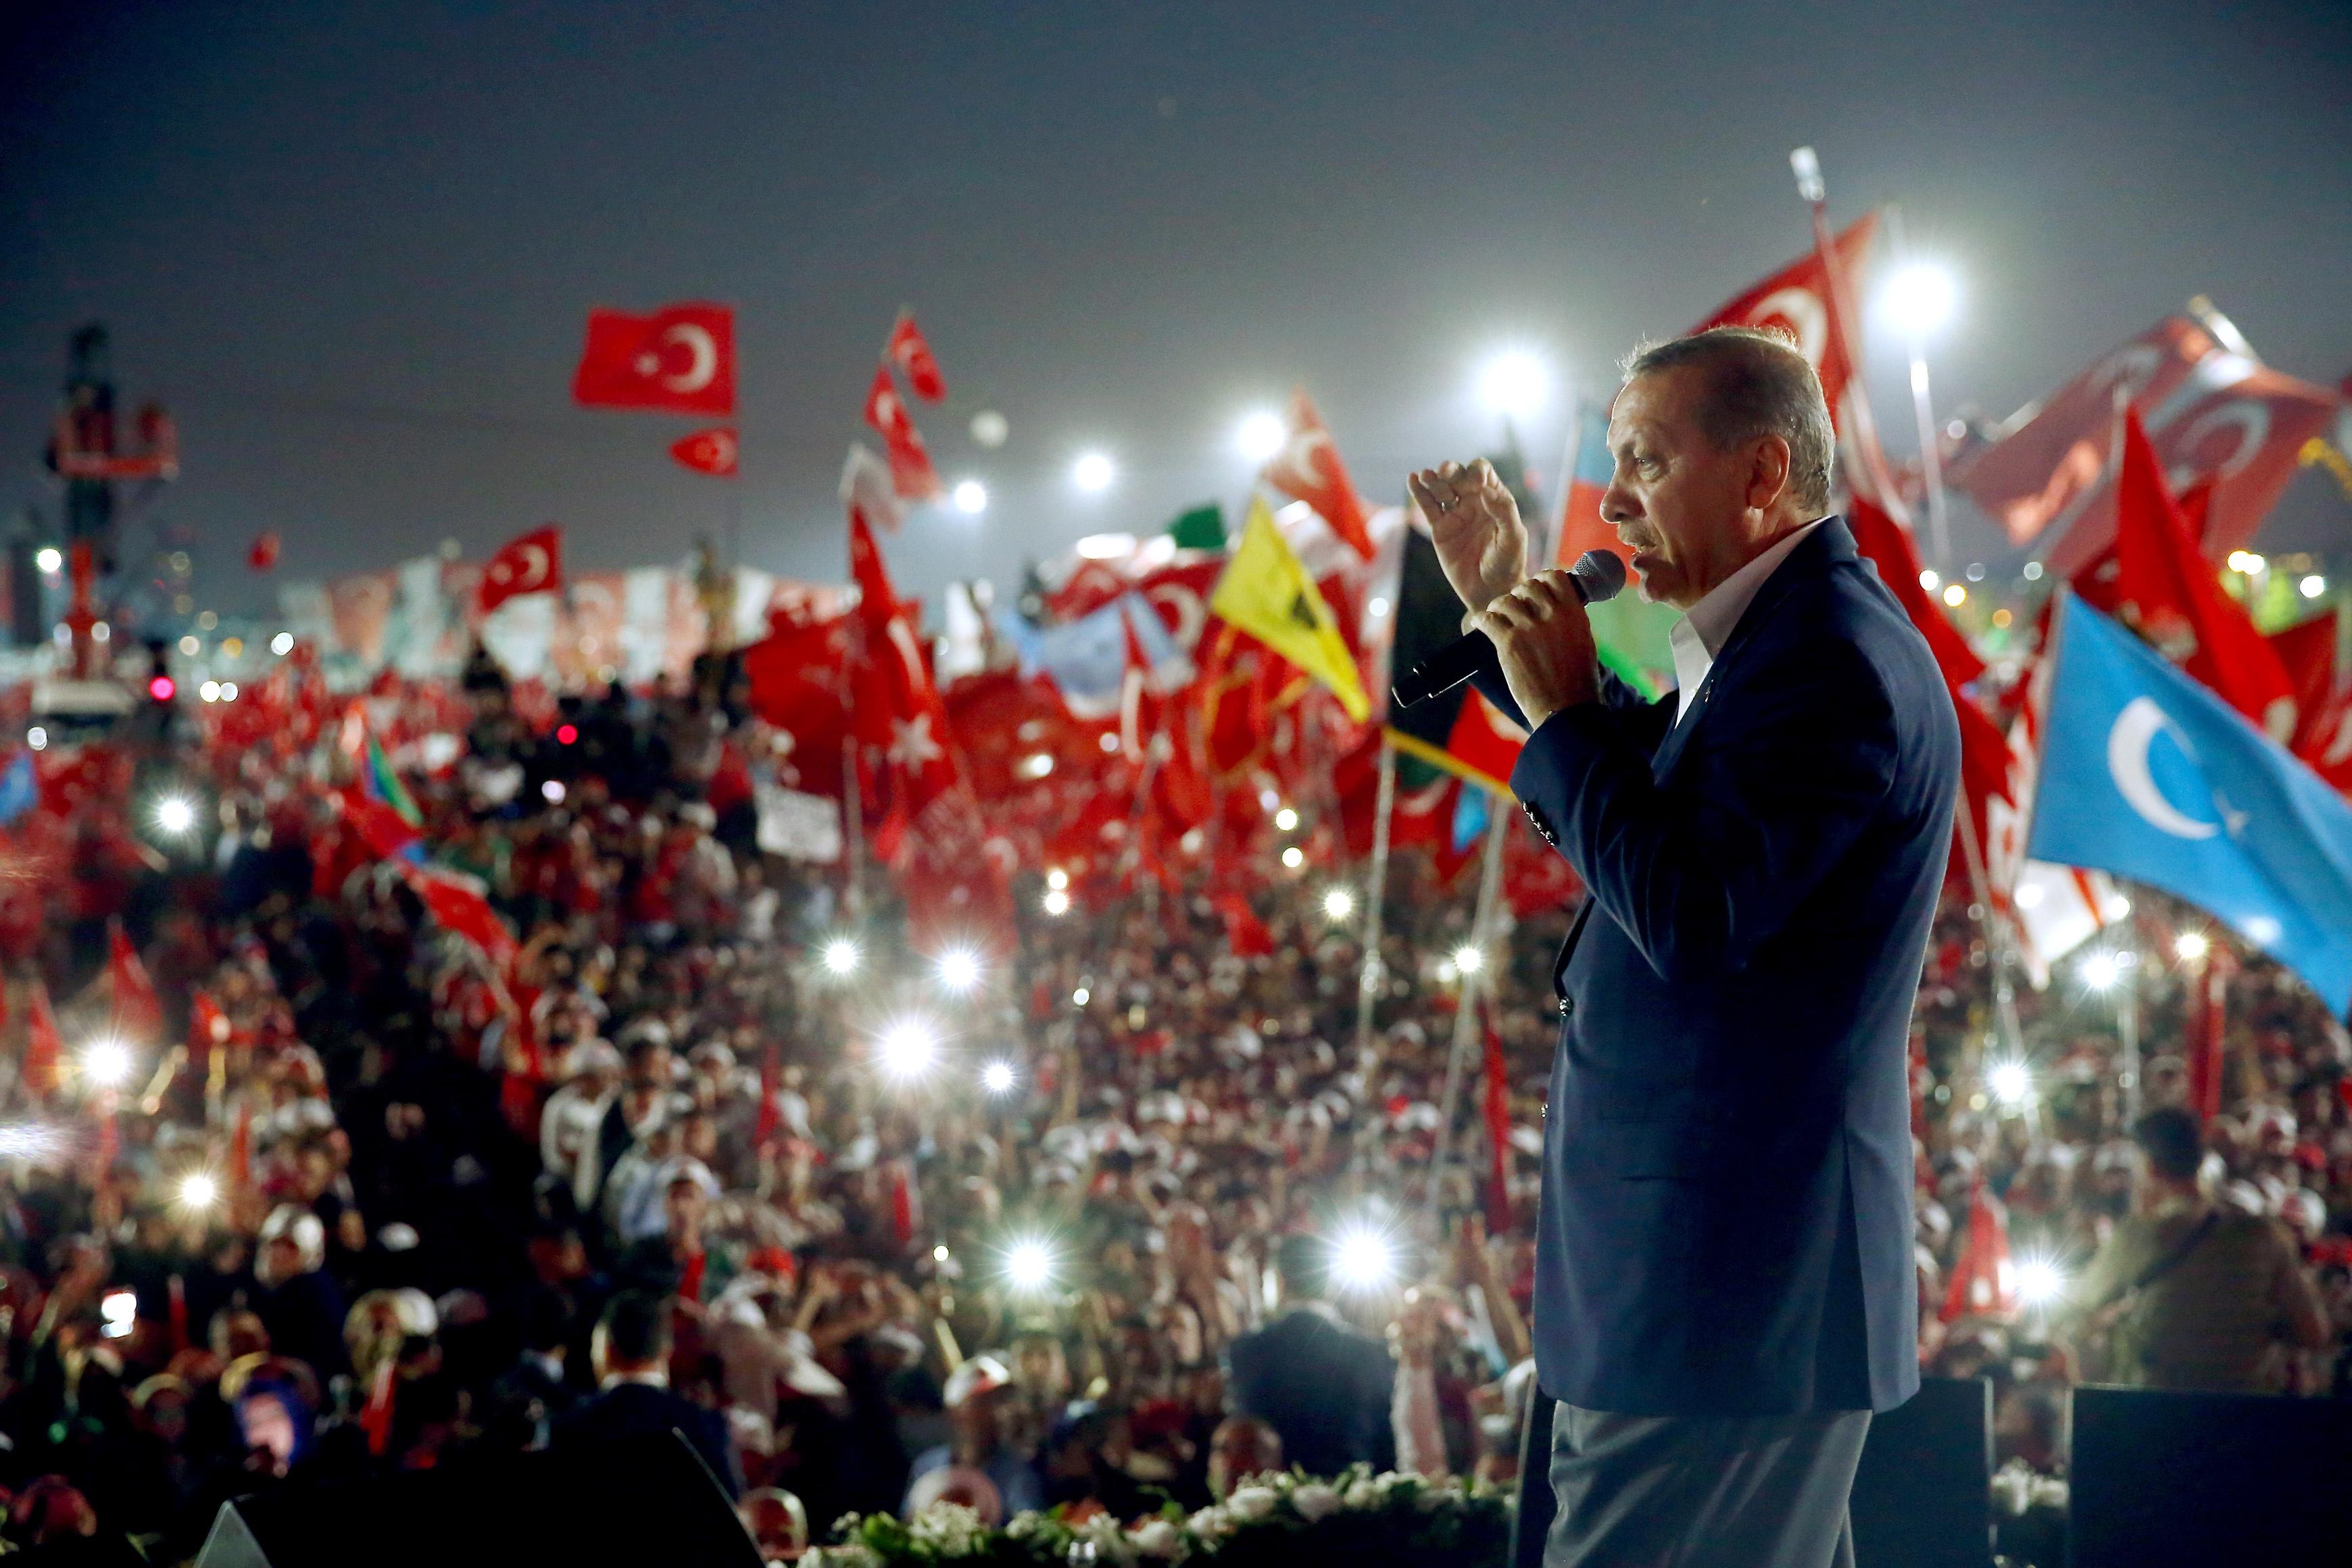 3000 души са осъдени на доживотен затвор след преврата в Турция